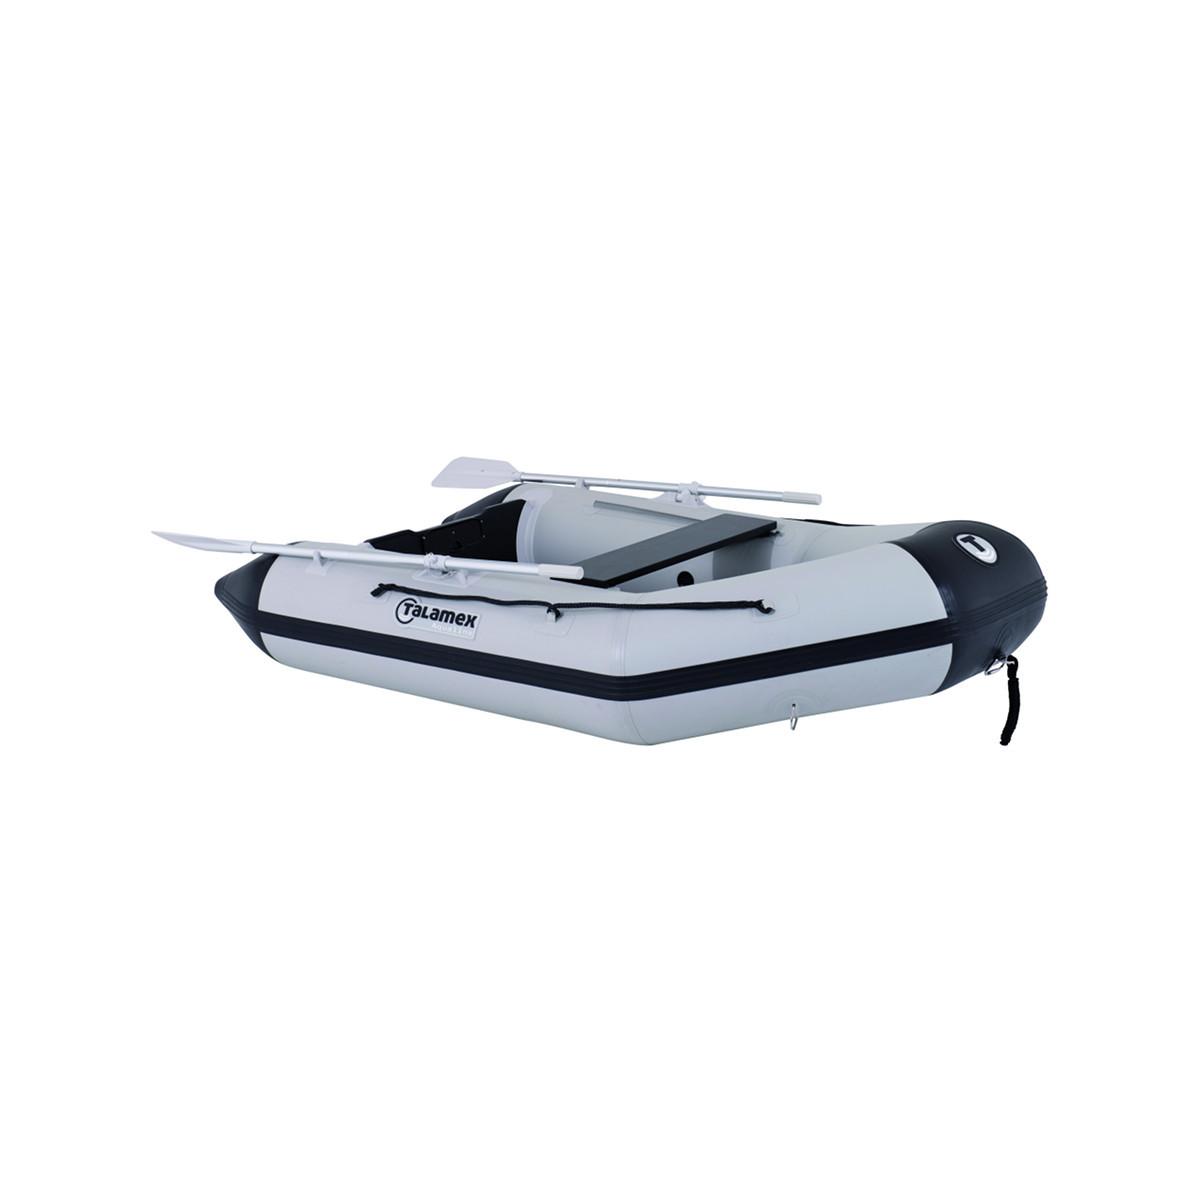 Talamex Aqualine QLX270 opblaasbare rubberboot QLX270 met aluminium bodem, lengte 2,70m, grijs